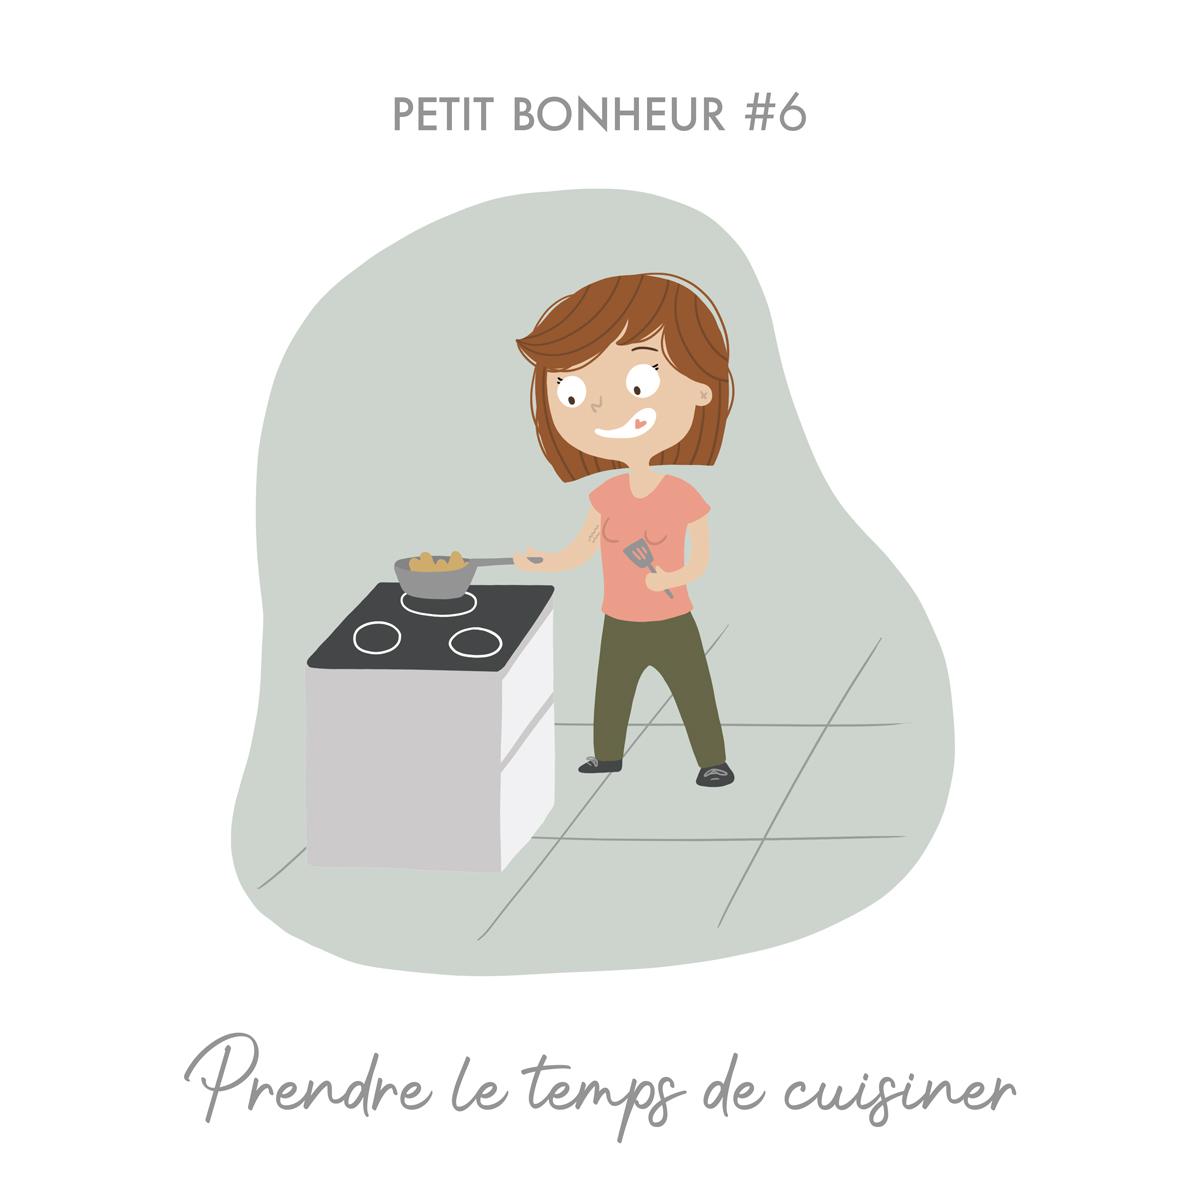 PRENDRE LE TEMPS DE CUISINER